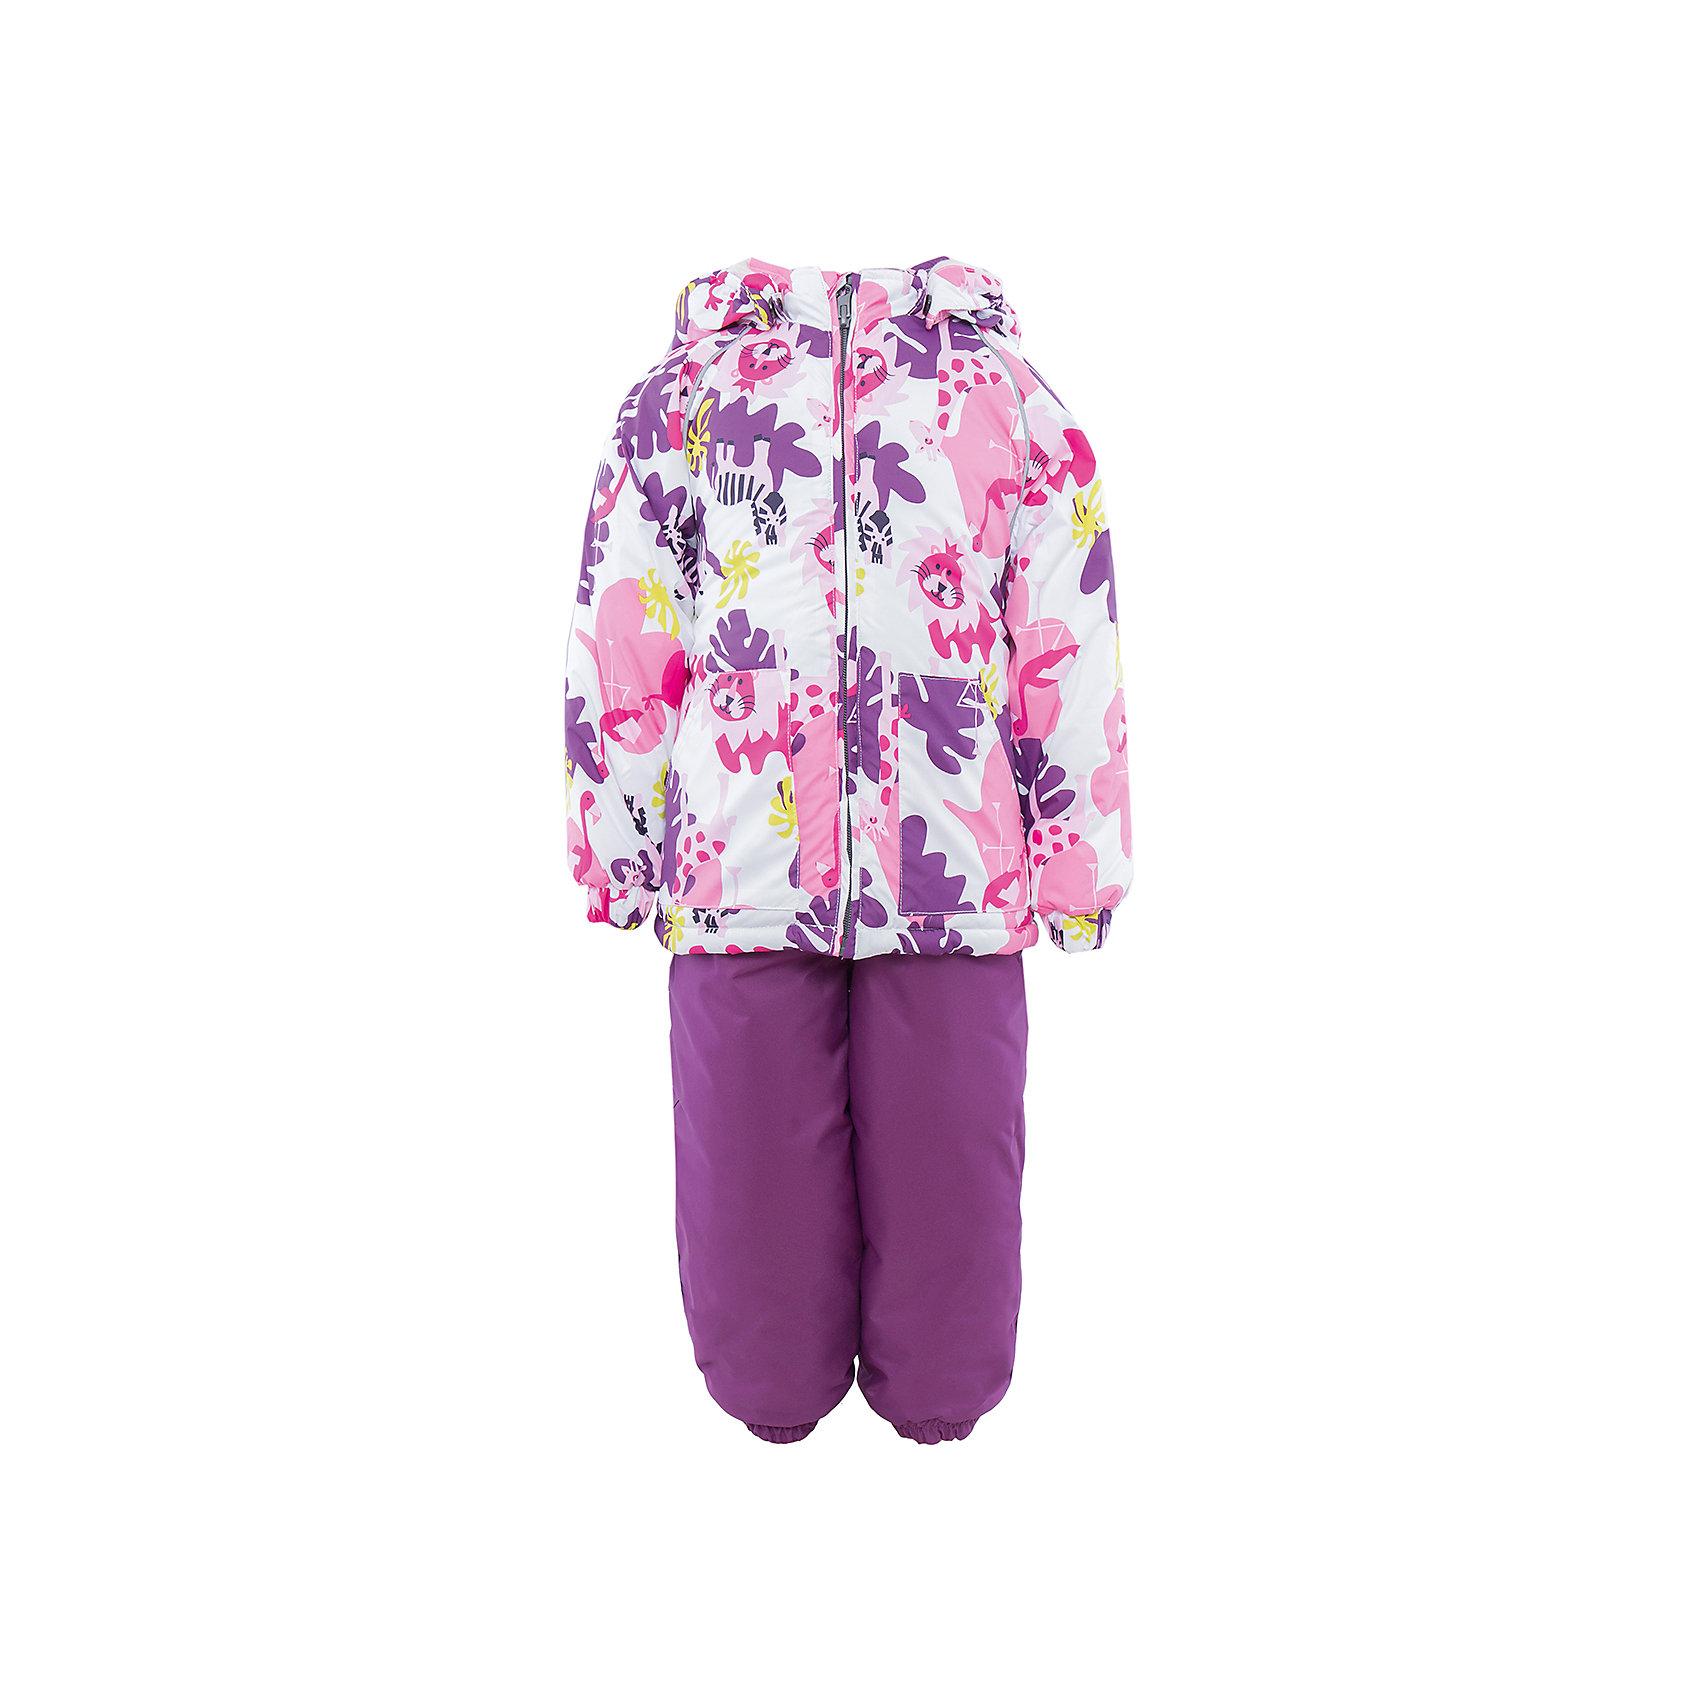 Комплект HuppaКомплект из куртки и комбинезона AVERY1 Huppa(Хуппа).<br><br>Утеплитель: 100% полиэстер. Куртка – 300 гр., полукомбинезон – 160 гр.<br><br>Температурный режим: до -30 градусов. Степень утепления – высокая. <br><br>* Температурный режим указан приблизительно — необходимо, прежде всего, ориентироваться на ощущения ребенка. Температурный режим работает в случае соблюдения правила многослойности – использования флисовой поддевы и термобелья.<br><br>Отлично подойдет для зимних прогулок. Комбинезон имеет подтяжки и резинки на талии и манжетах. Куртка с капюшоном и резинками на манжетах имеет необычный дизайн и принт со зверюшками.<br><br>Особенности:<br>-плотная дышащая и водоотталкивающая мембрана<br>-водонепроницаемый<br>-мягкая фланелевая подкладка<br>-водостойкая лента на швах<br>-высокая прочность<br>-светоотражающие элементы<br>-съемный каюшон (мех не отстегивается)<br><br>Дополнительная информация:<br>Материал: 100% полиэстер<br>Подкладка: фланель - 100% хлопок<br>Цвет: лиловый/белый<br><br>Вы можете приобрести комплект AVERY1 Huppa(Хуппа) в нашем интернет-магазине.<br><br>Ширина мм: 356<br>Глубина мм: 10<br>Высота мм: 245<br>Вес г: 519<br>Цвет: белый<br>Возраст от месяцев: 24<br>Возраст до месяцев: 36<br>Пол: Женский<br>Возраст: Детский<br>Размер: 98,92,104,86,80<br>SKU: 4928792